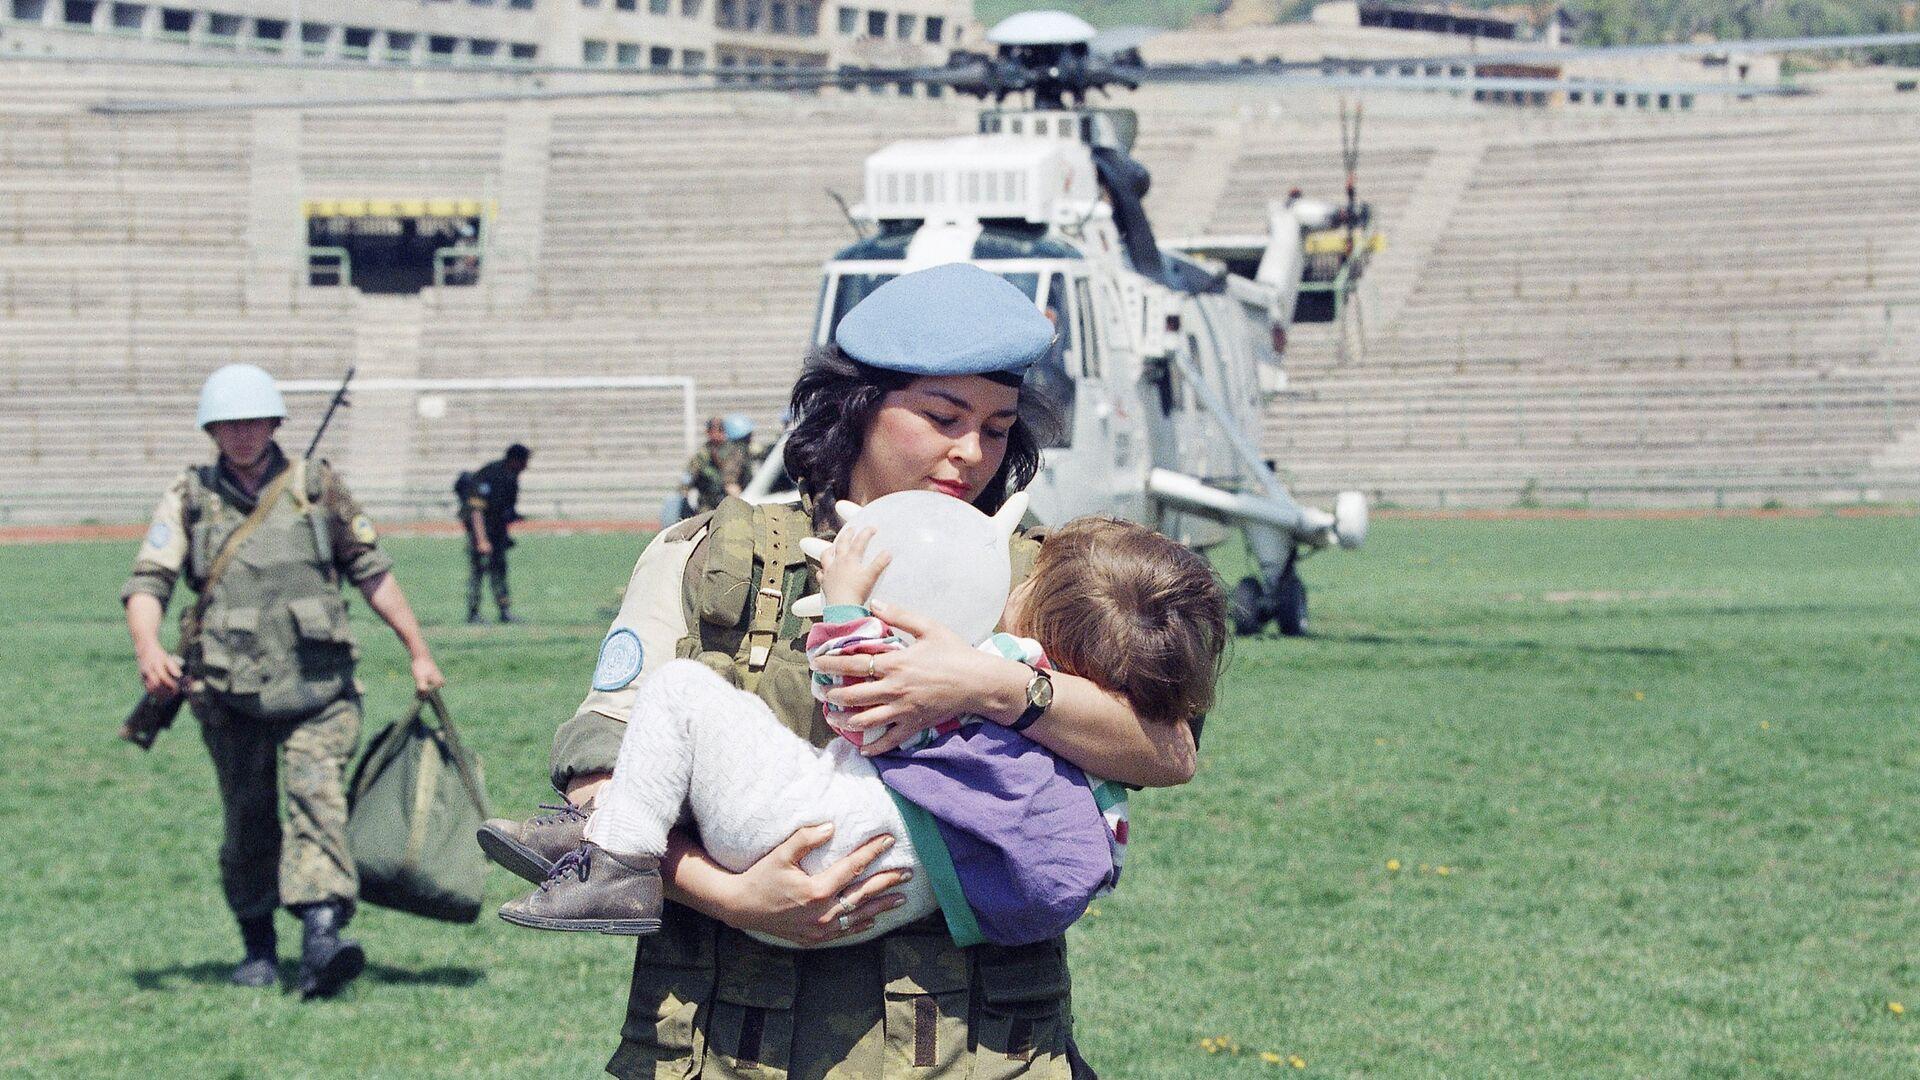 Женщина-солдат ООН несет двухлетнюю девочку, которую эвакуировали из города Горажде в Сараево, 25 апреля 1994 года - РИА Новости, 1920, 22.01.2020